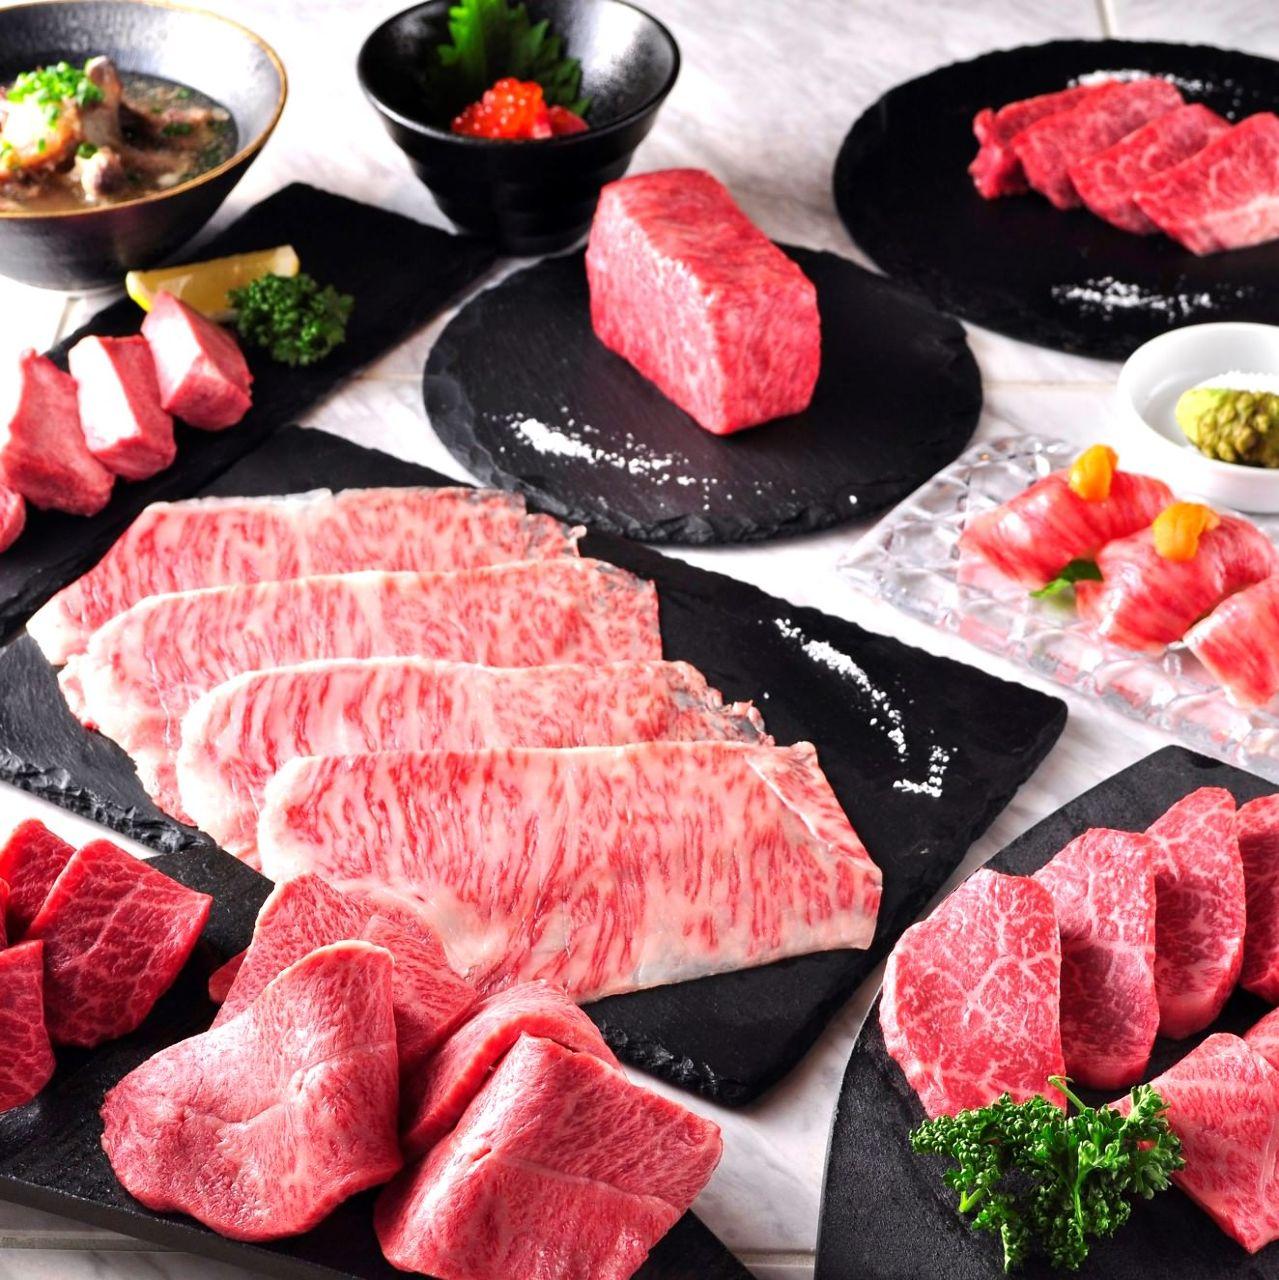 渋谷で和牛だべるなら焼肉店「渋谷神宮前 YAKINIKU ZENIBA」